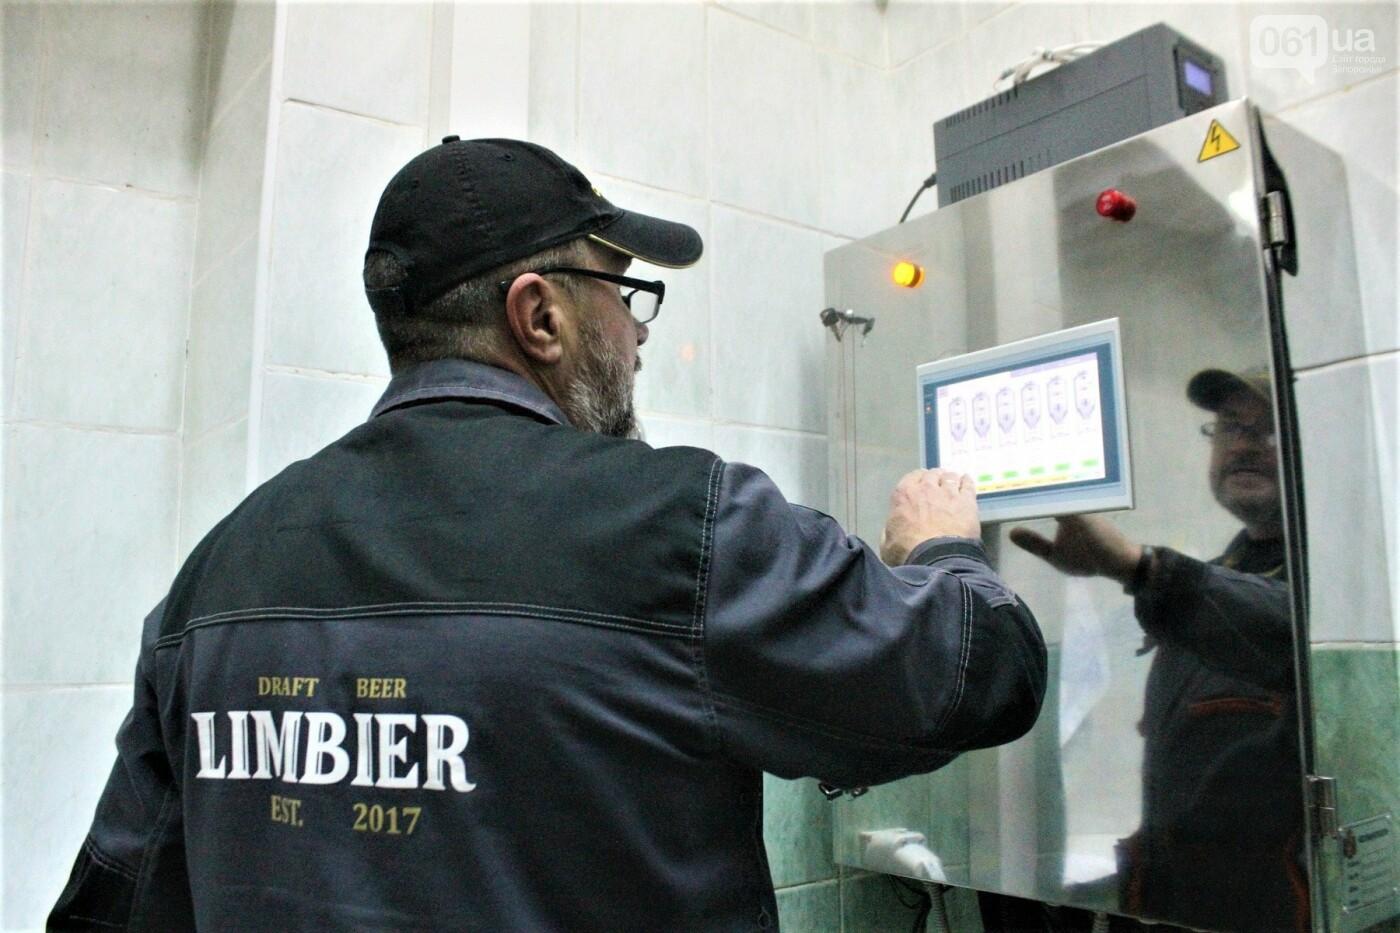 Как в Запорожье готовят крафтовое пиво «Limbier»: экскурсия на производство, – ФОТОРЕПОРТАЖ, фото-7